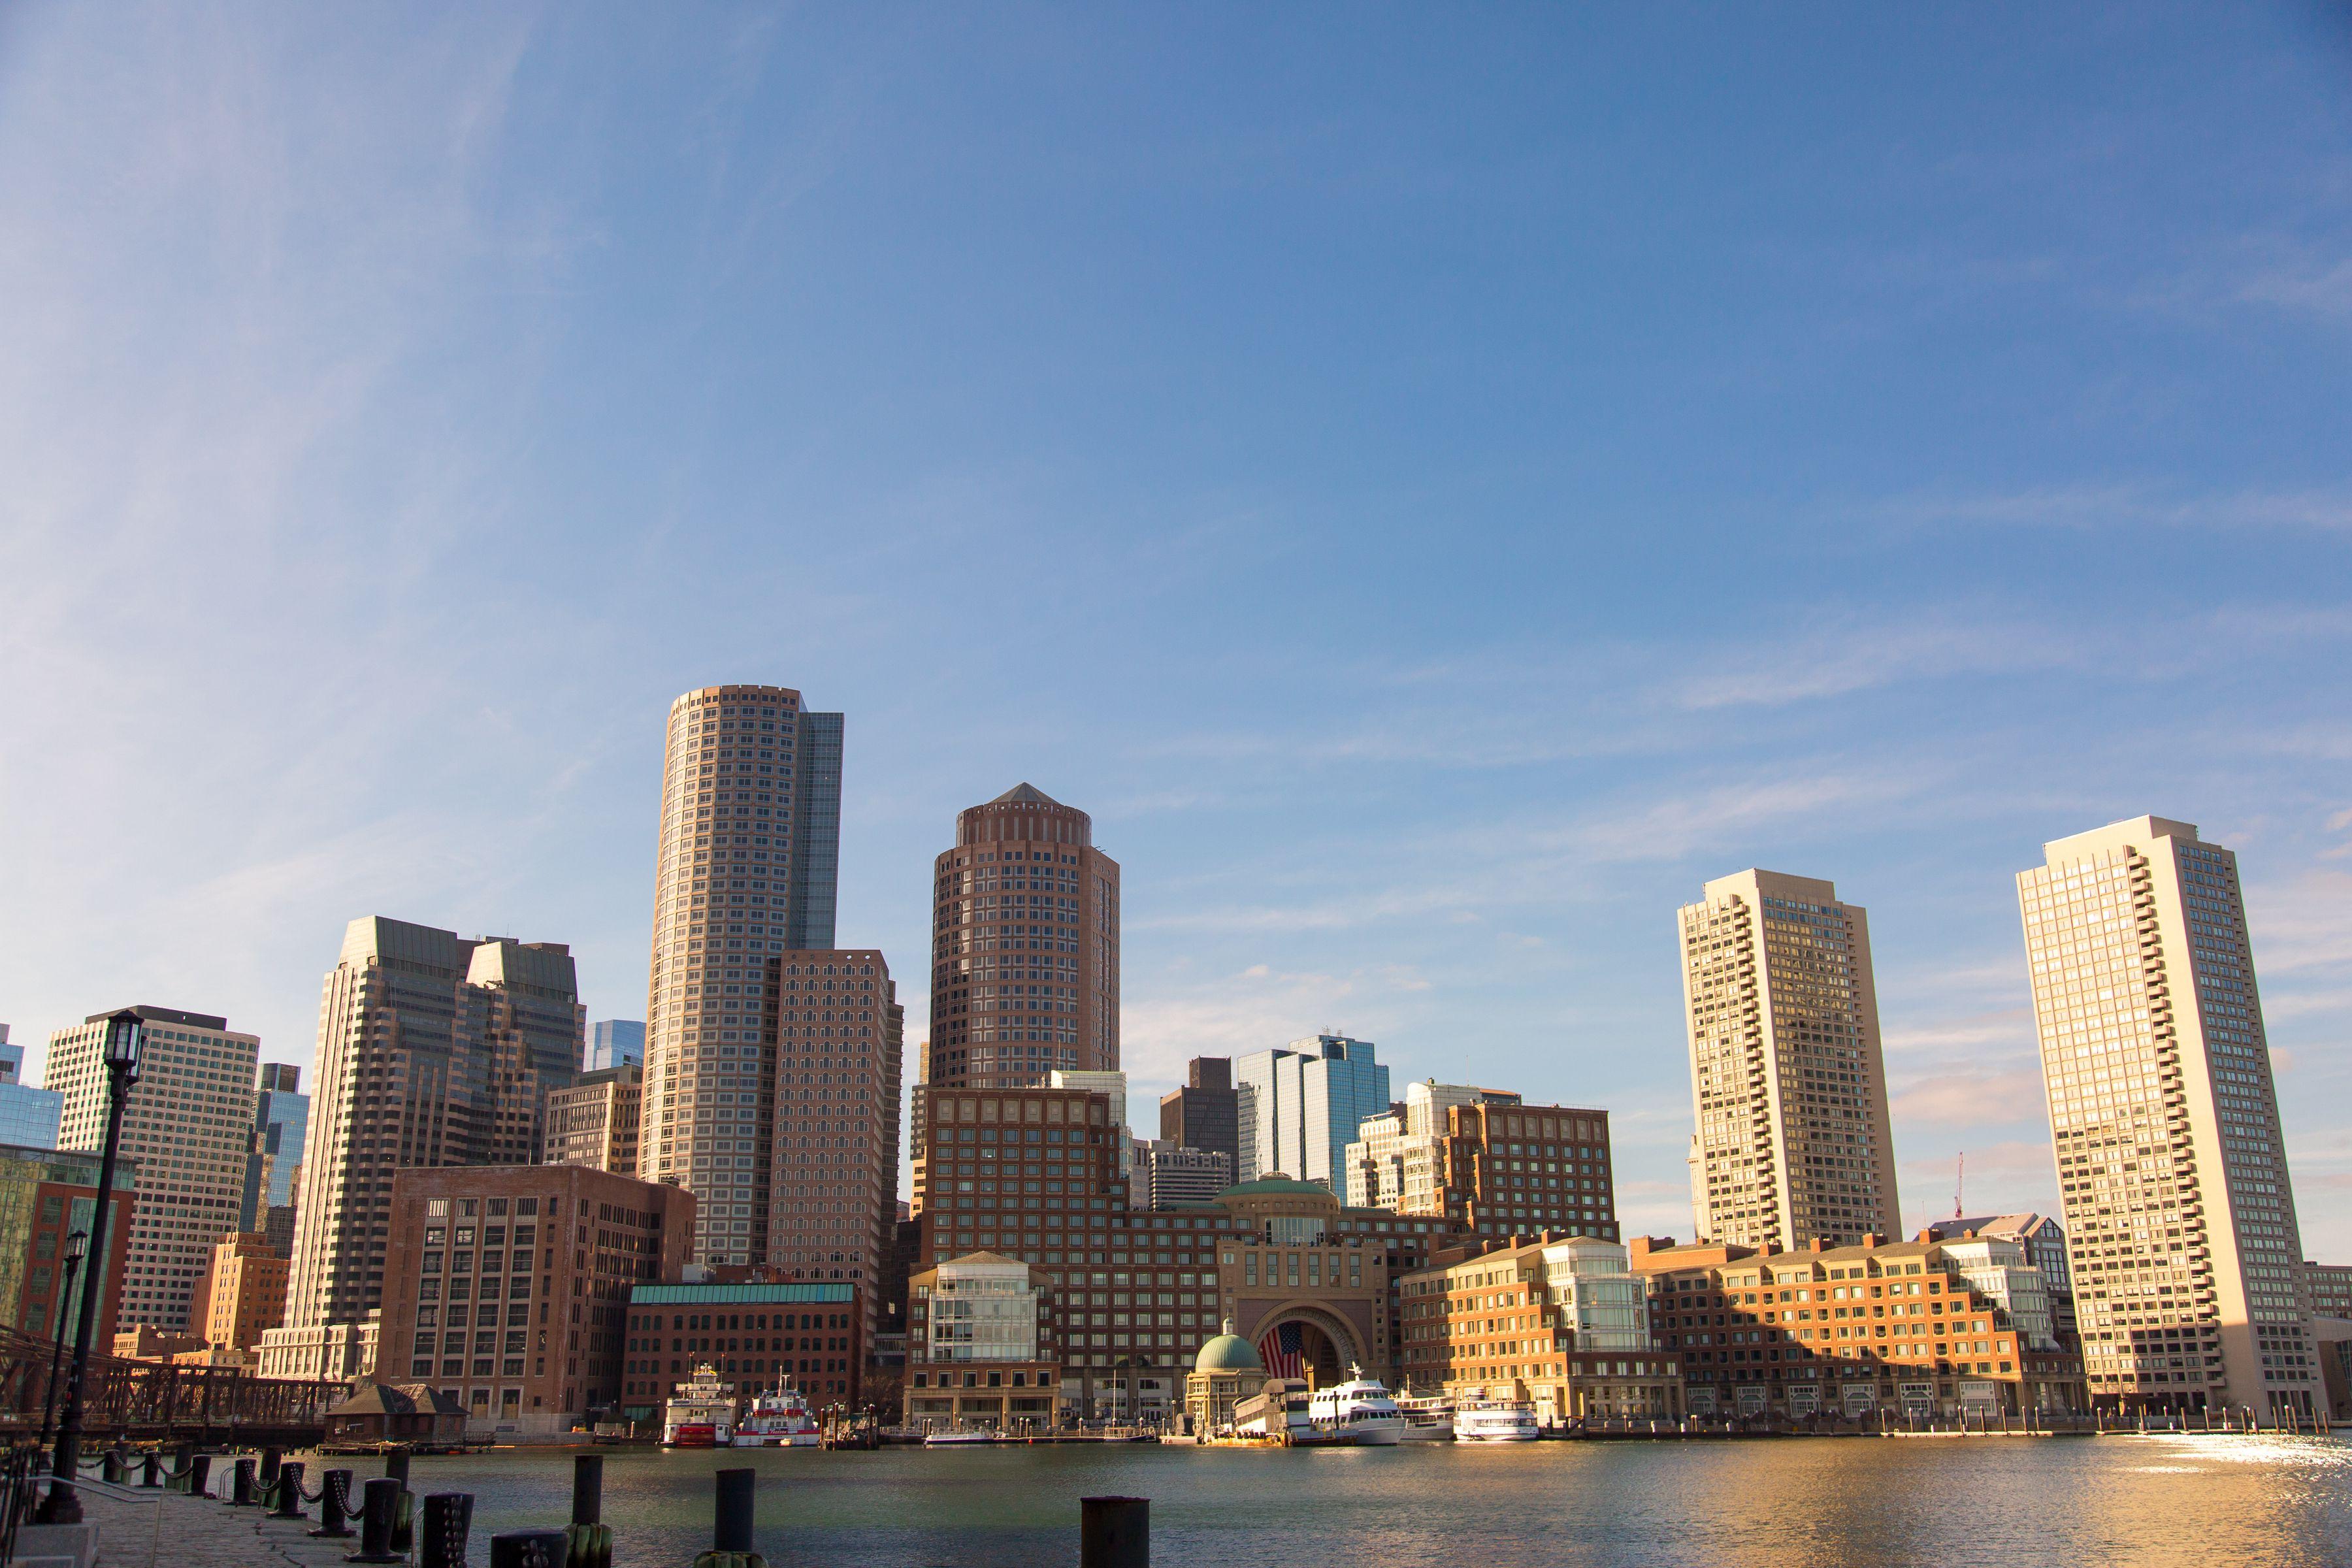 Blick auf die Skyline von Boston Harbor